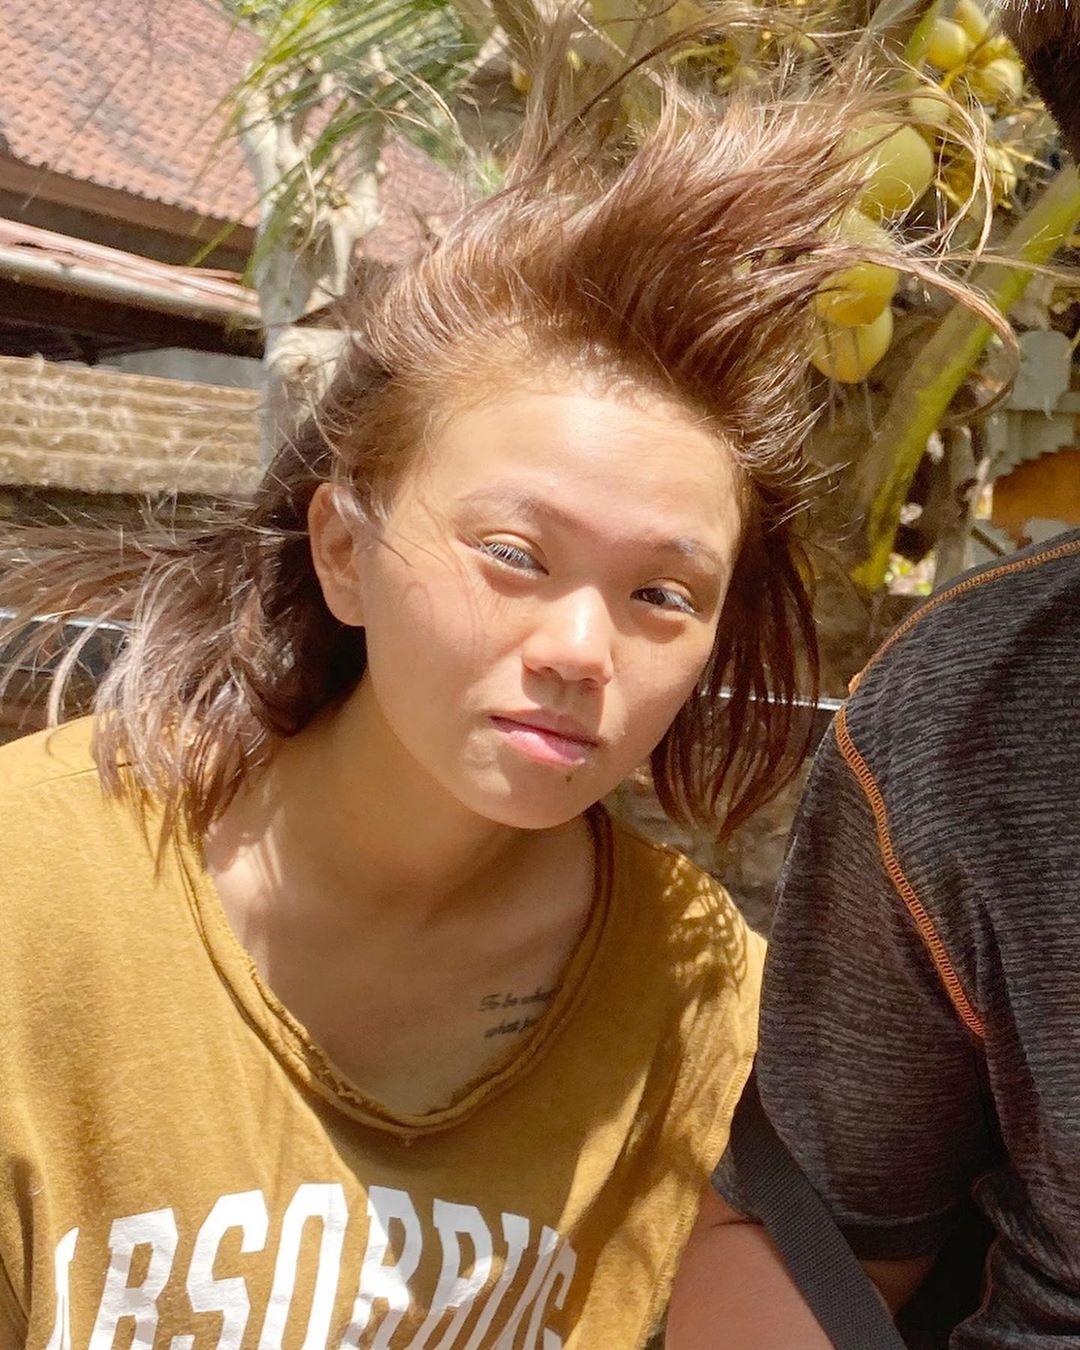 嬌小YouTuber「彥婷」超沒形象!IG分享「頭髮炸上天」素顏照 根本火雲邪神翻版